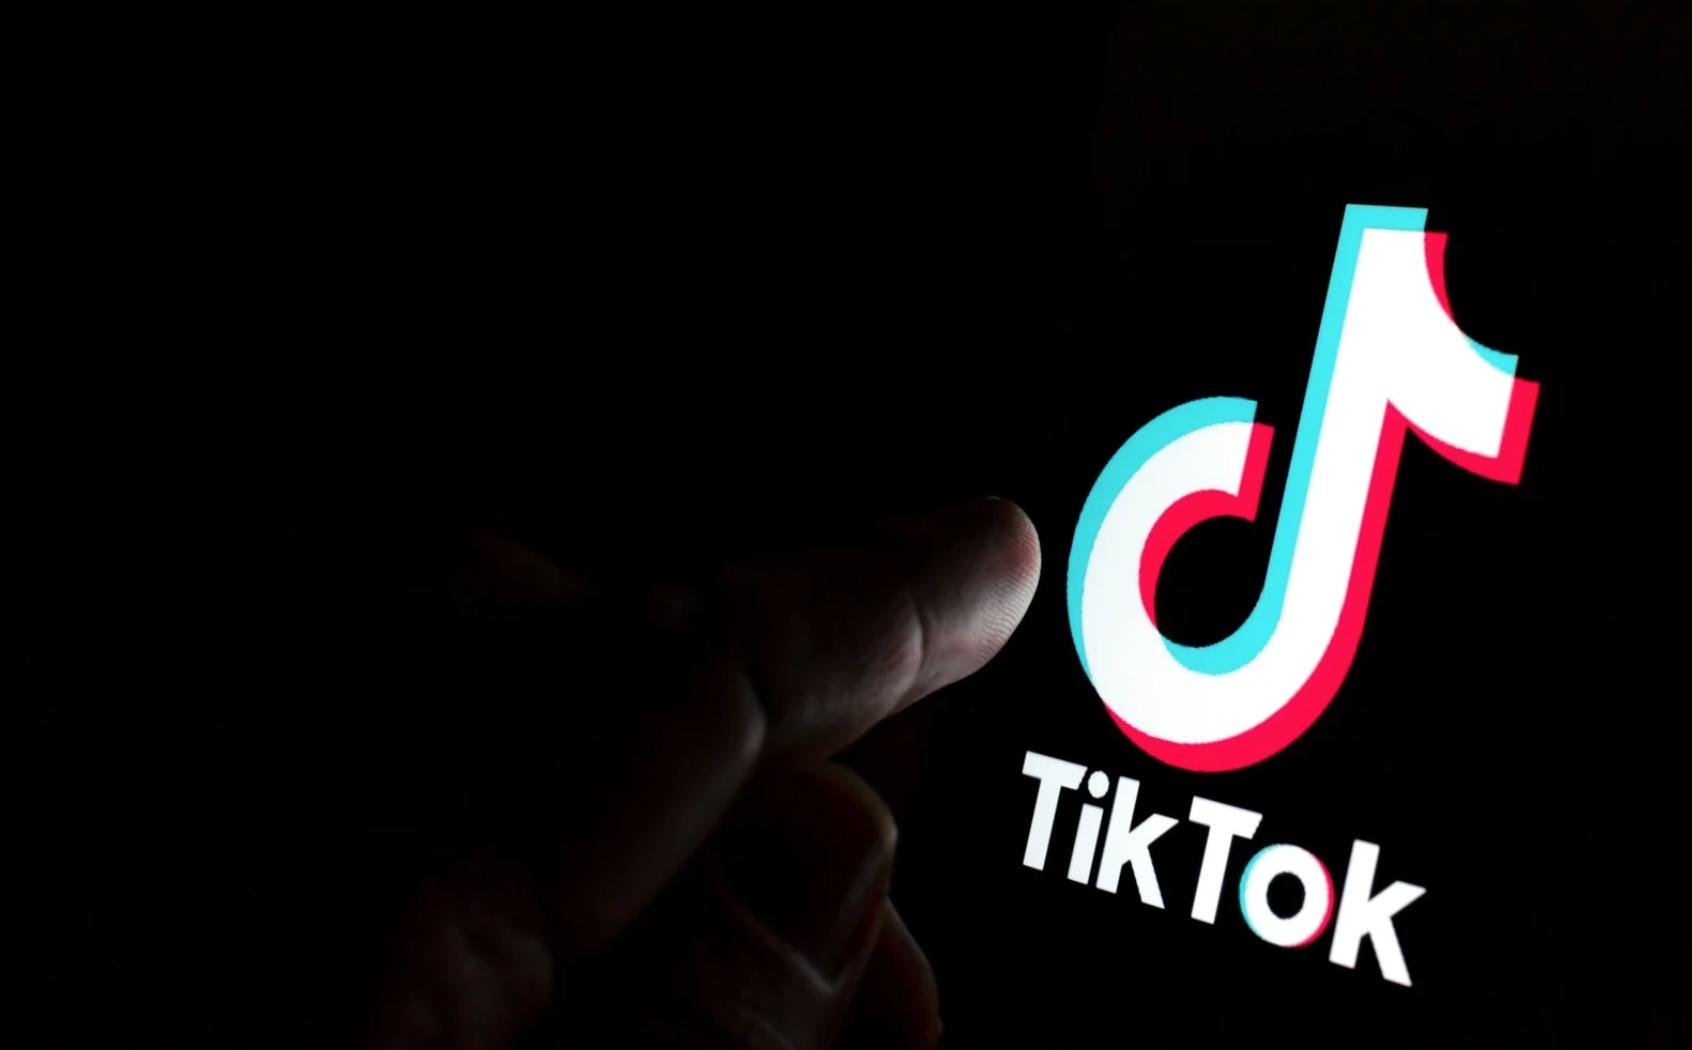 Si può chiudere TikTok ai minori? Parola all'esperto